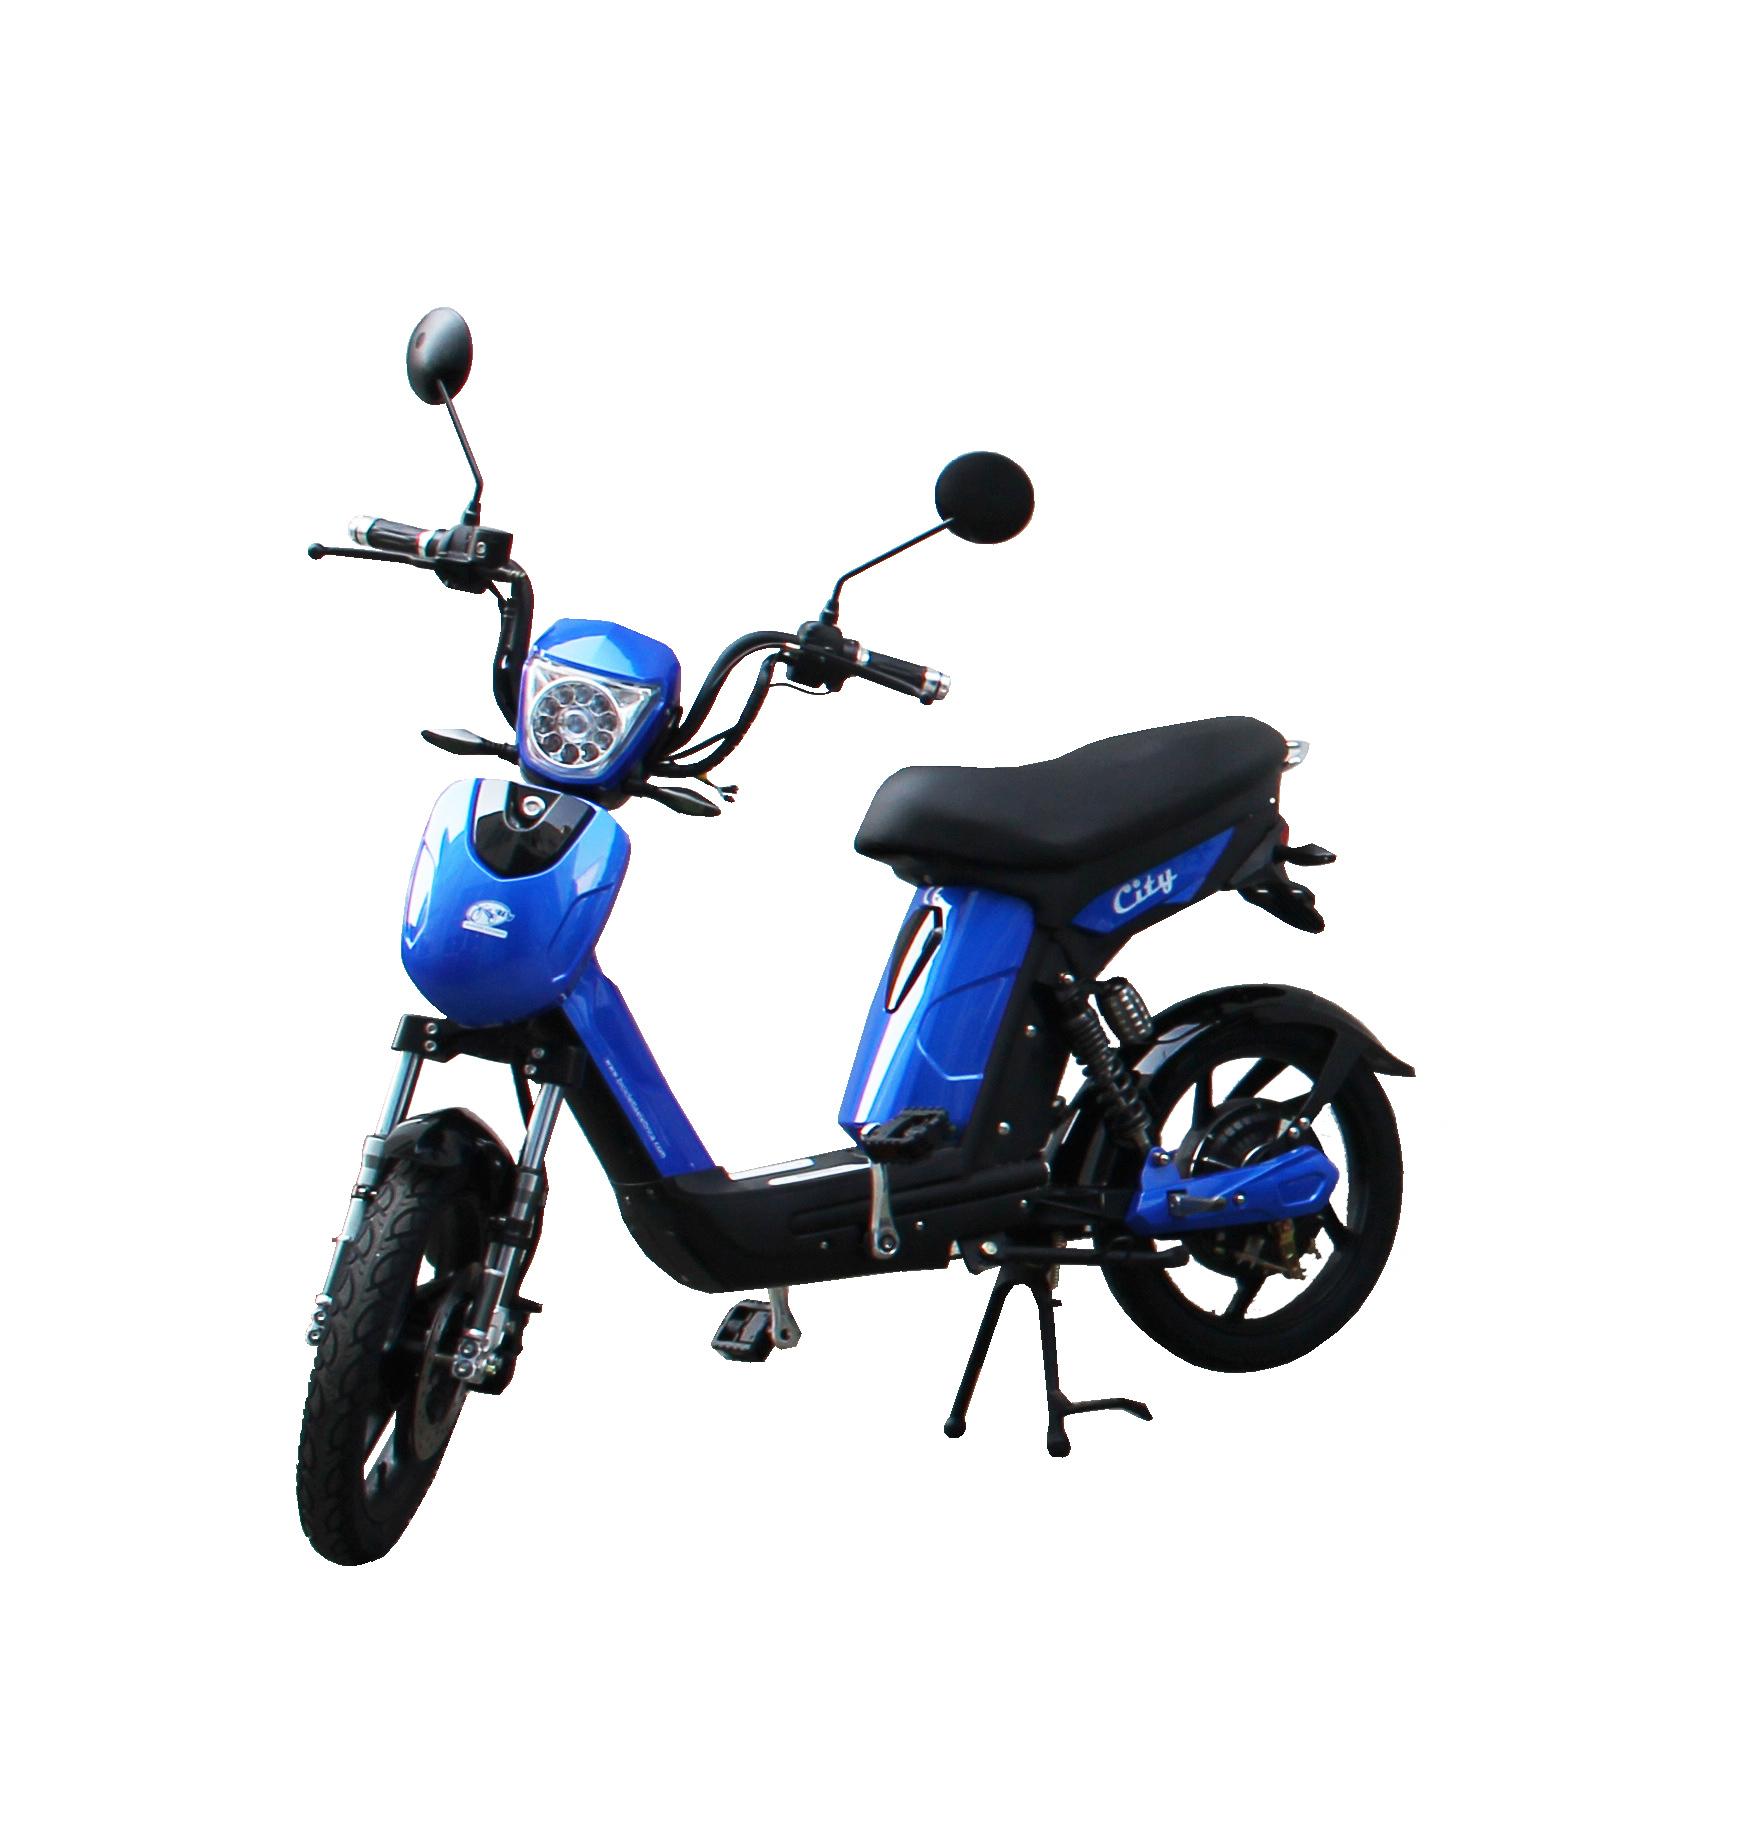 Bici City E-Bike / E-Fahrrad / Elektrofahrrad blau Bild 1